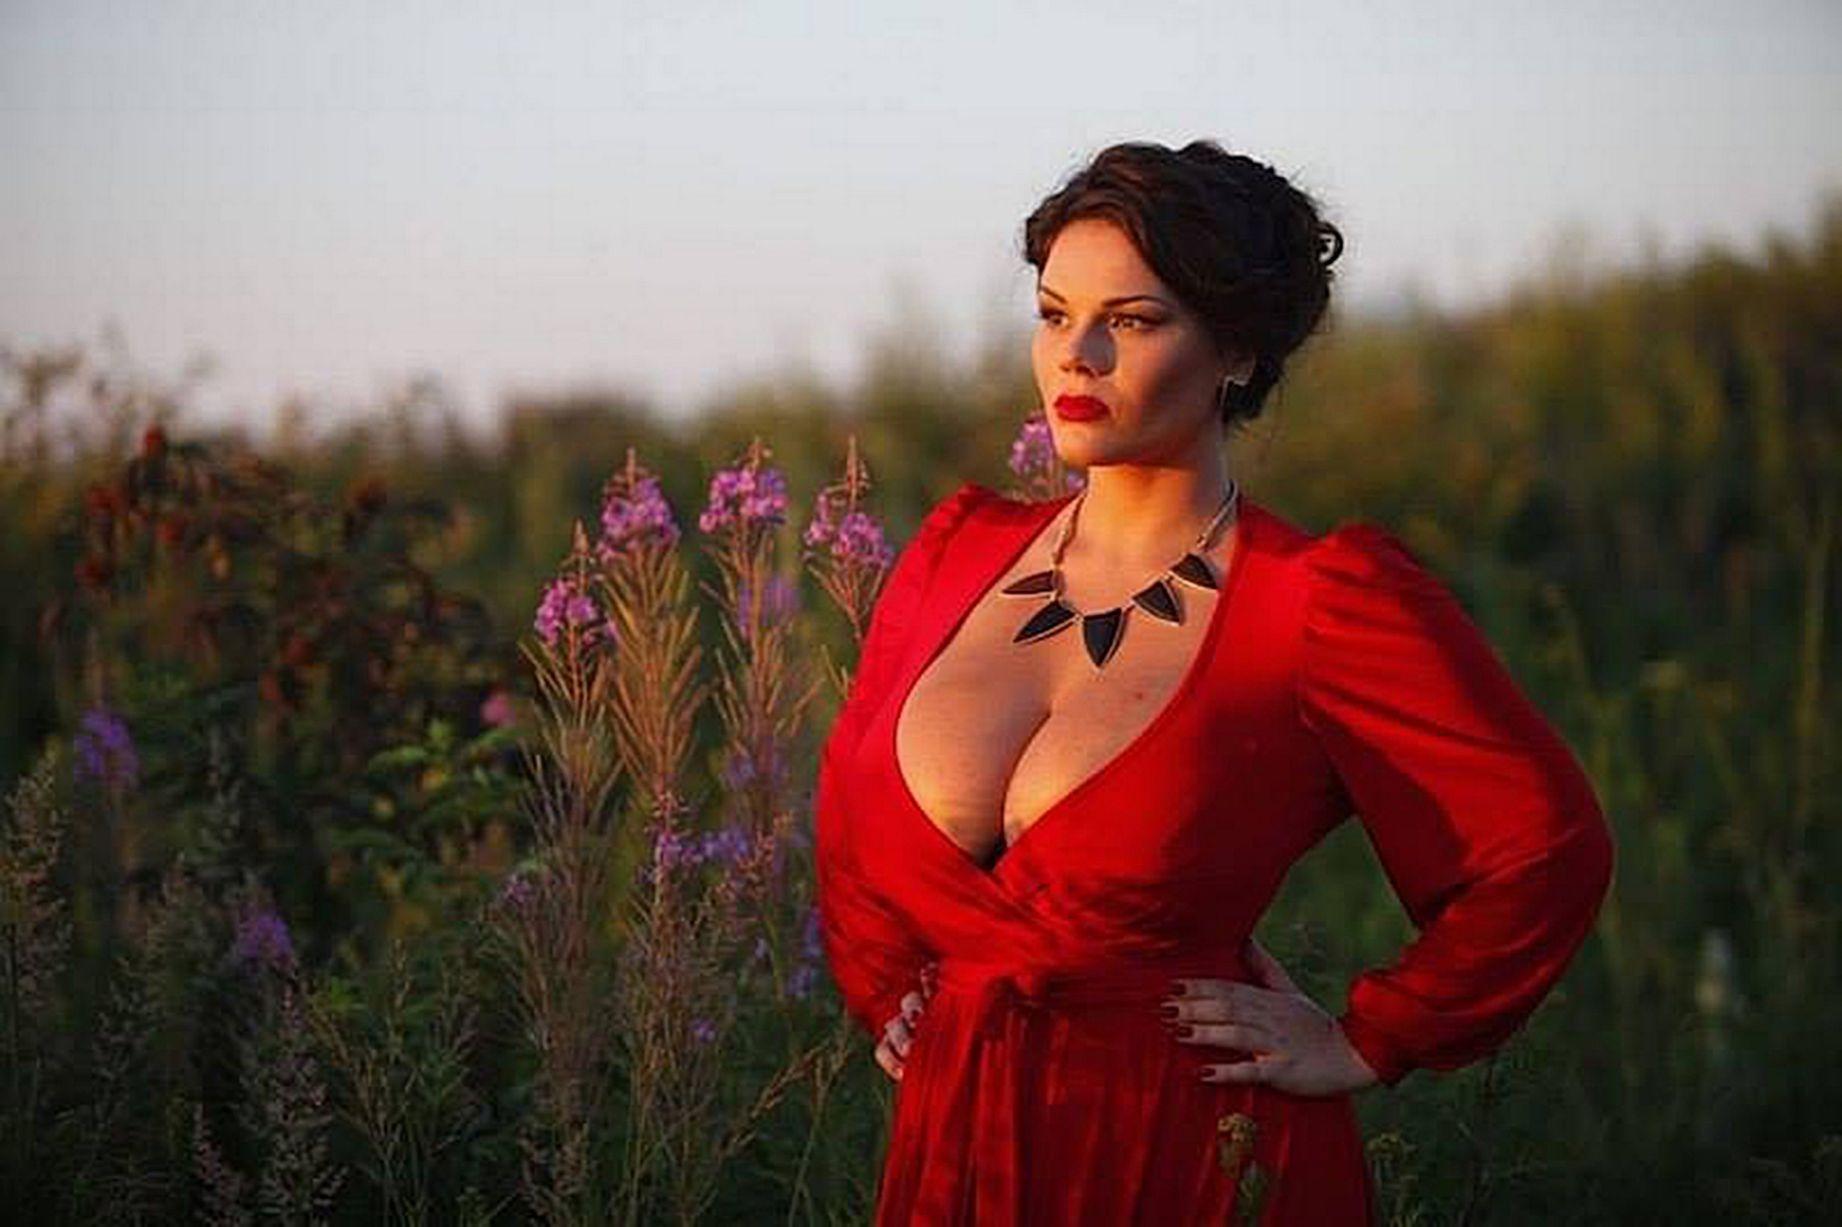 """选美赛场的硝烟:俄""""34K顶级美女""""引乌克兰不满"""